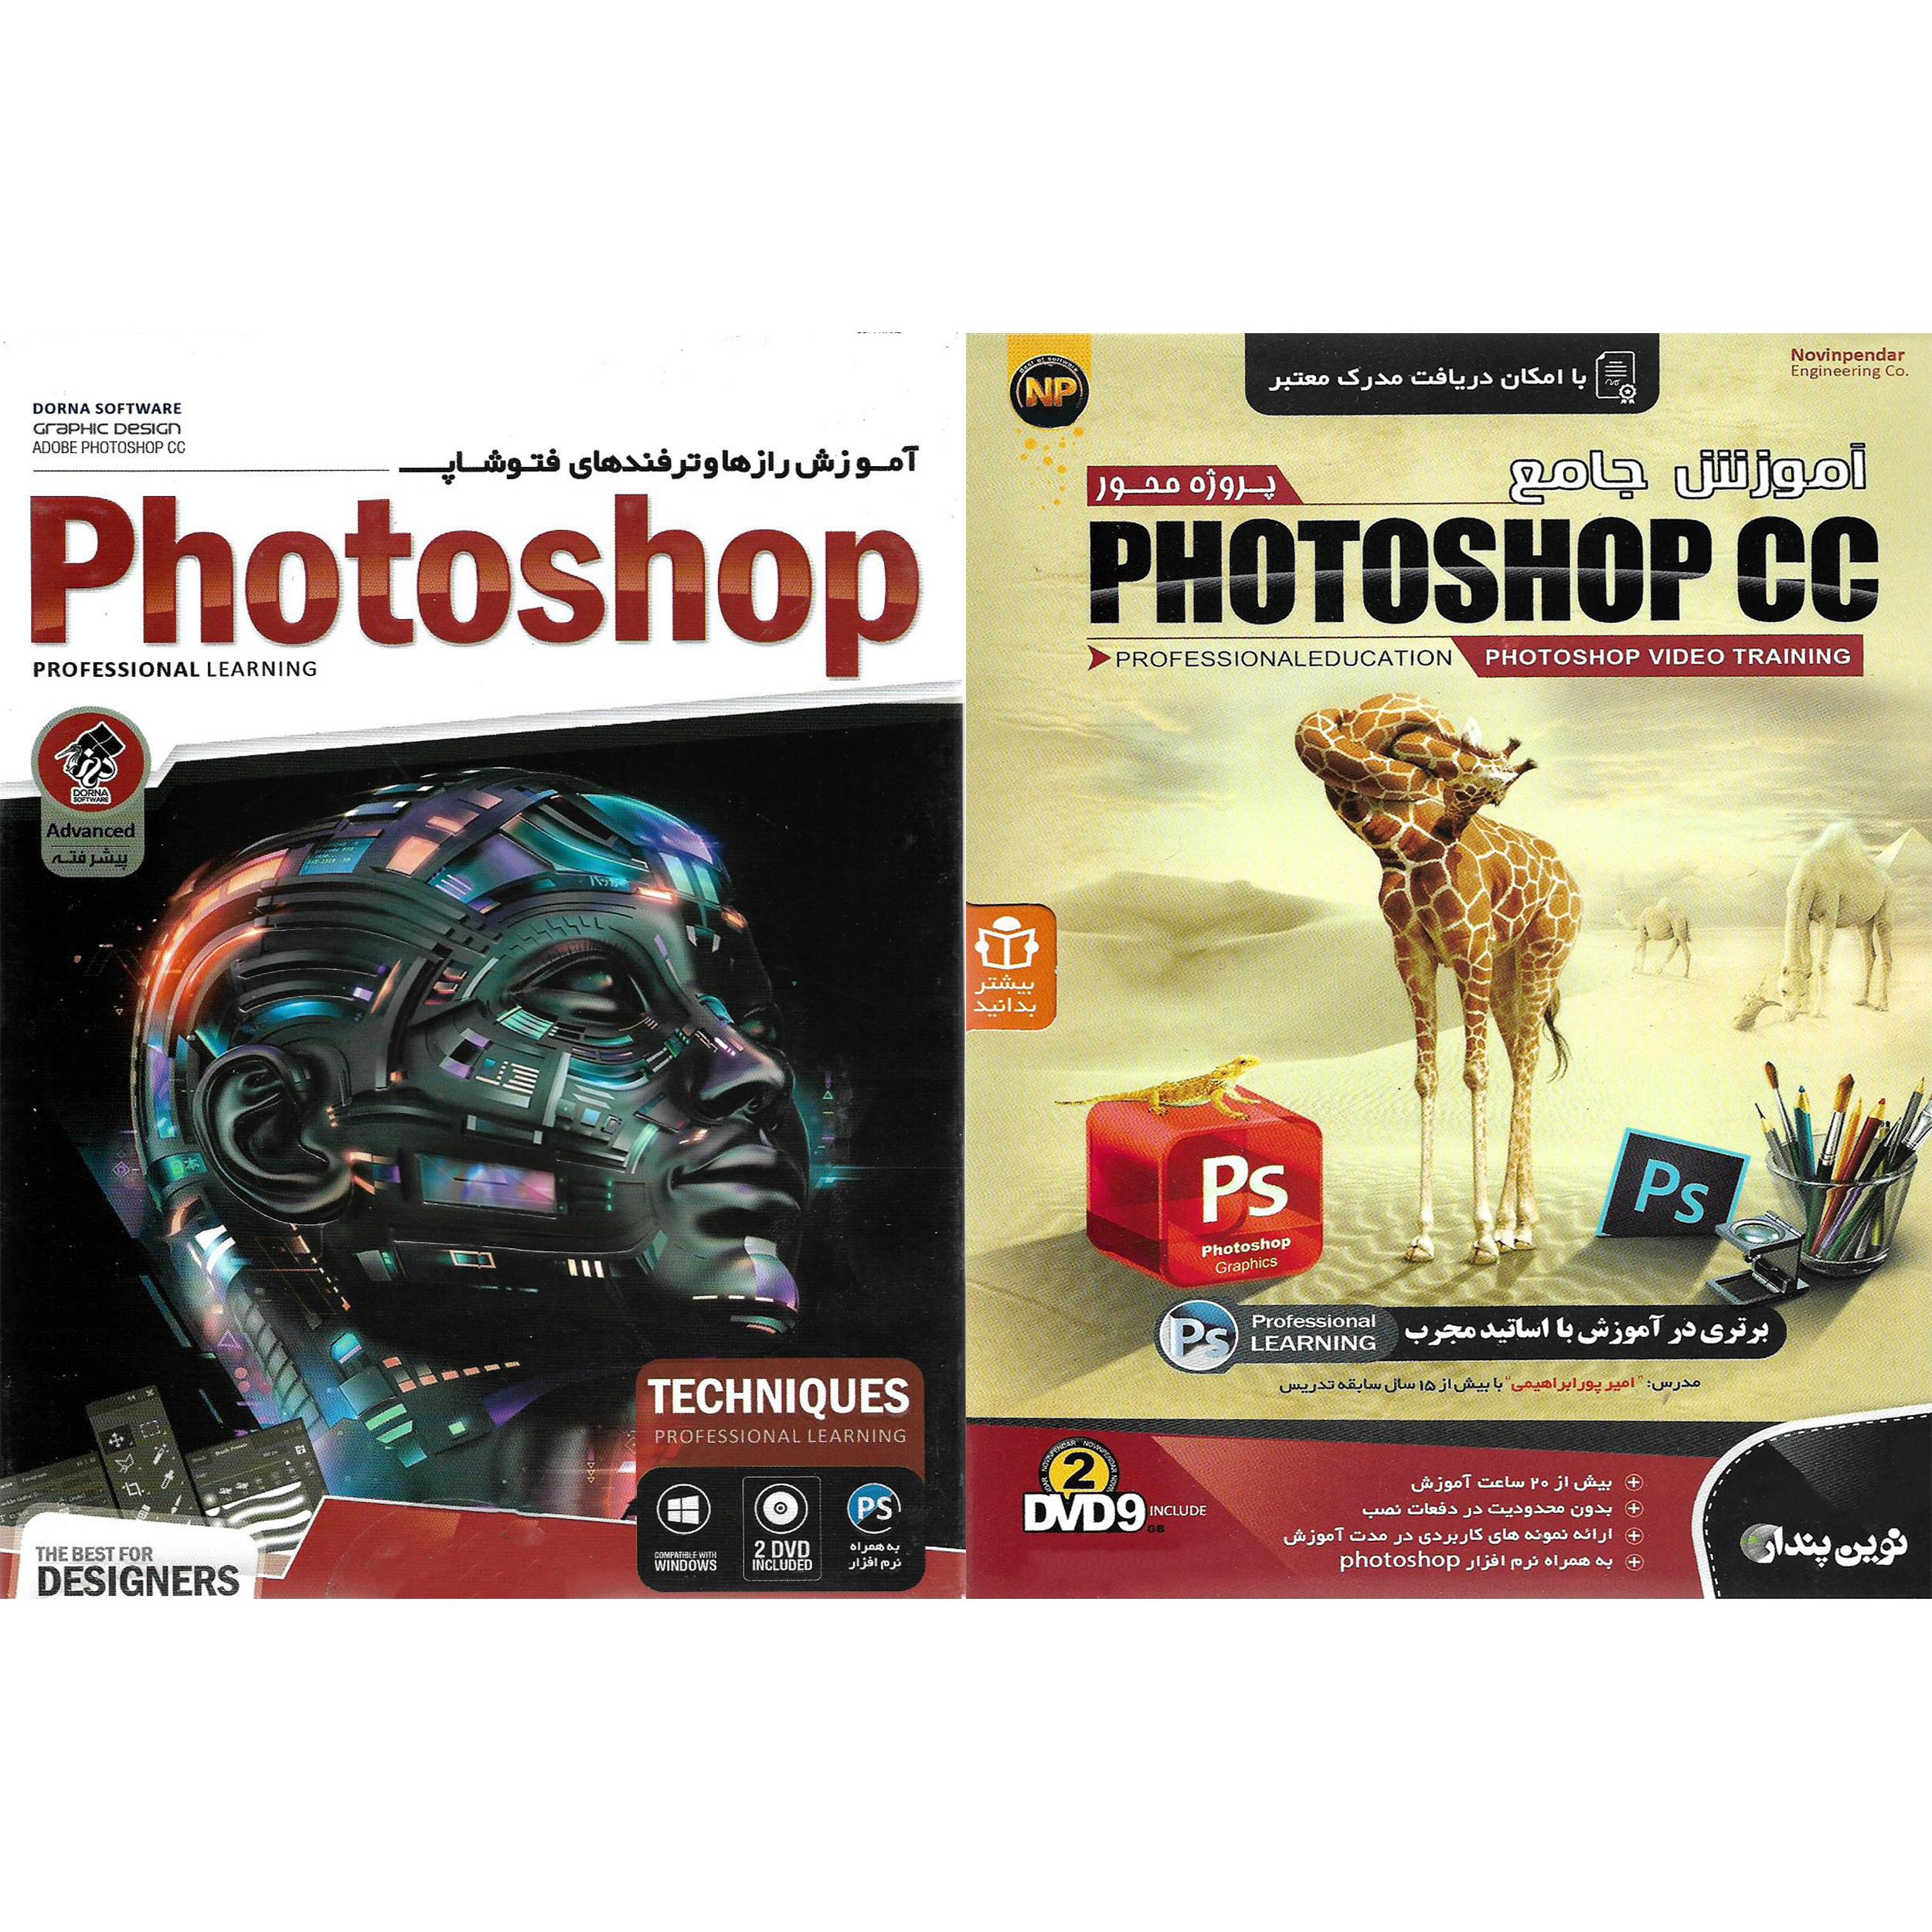 نرم افزار آموزش پروژه محور PHOTOSHOP CC نشر نوین پندار به همراه نرم افزار آموزش رازها و ترفندهای فتوشاپ PHOTOSHOP نشر درنا